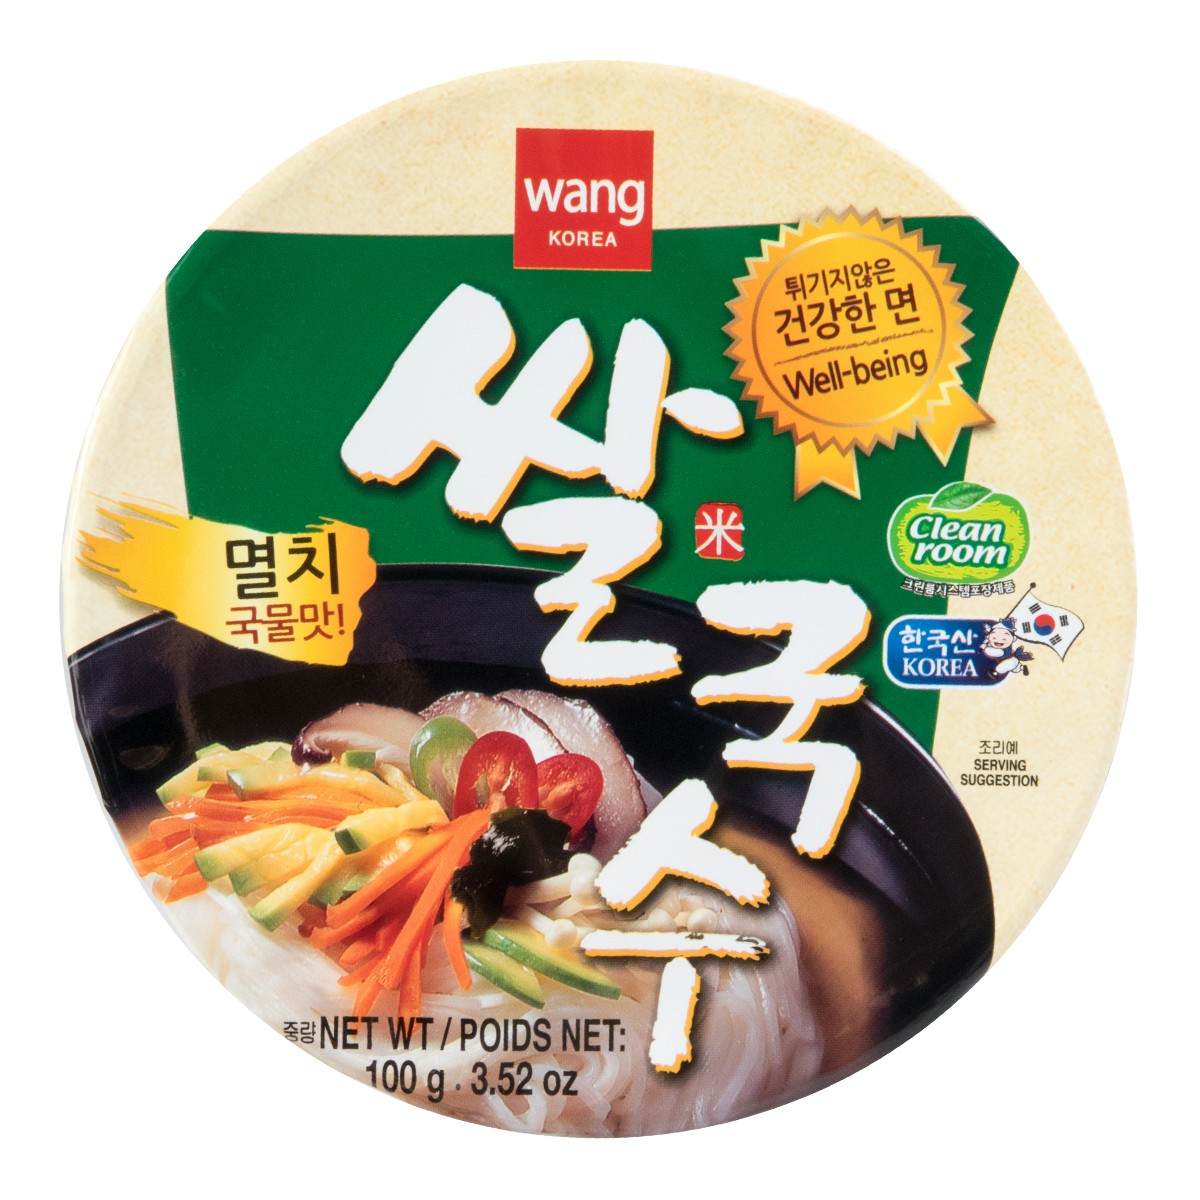 韩国WANG 韩式方便汤米粉 凤尾鱼味 碗装 100g